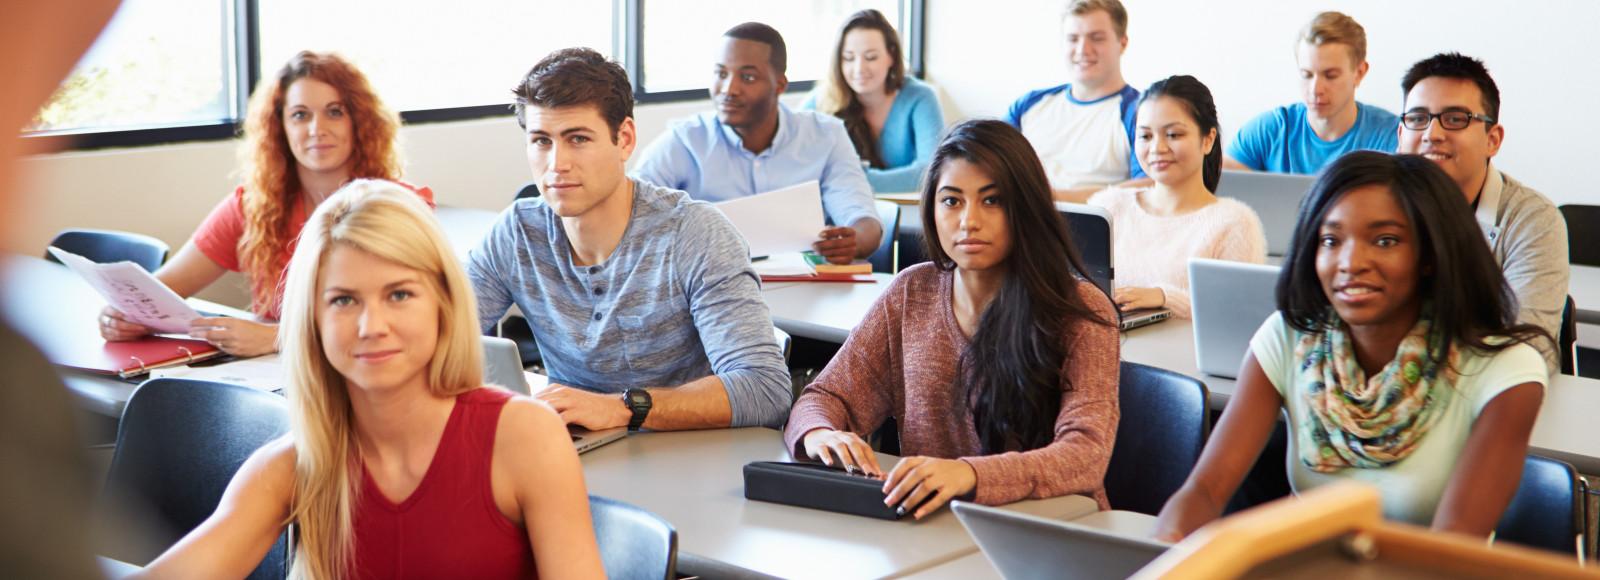 Cursos de Ensino à Distância para Concursos Públicos